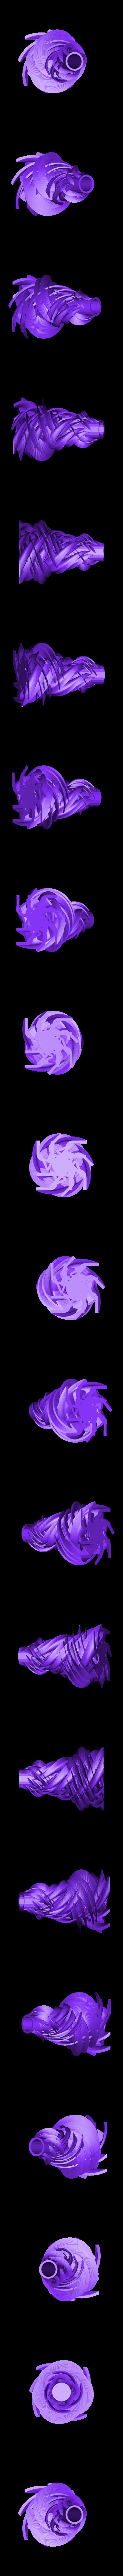 UV_Candle_77.stl Télécharger fichier STL gratuit UV Vase • Plan imprimable en 3D, squiqui